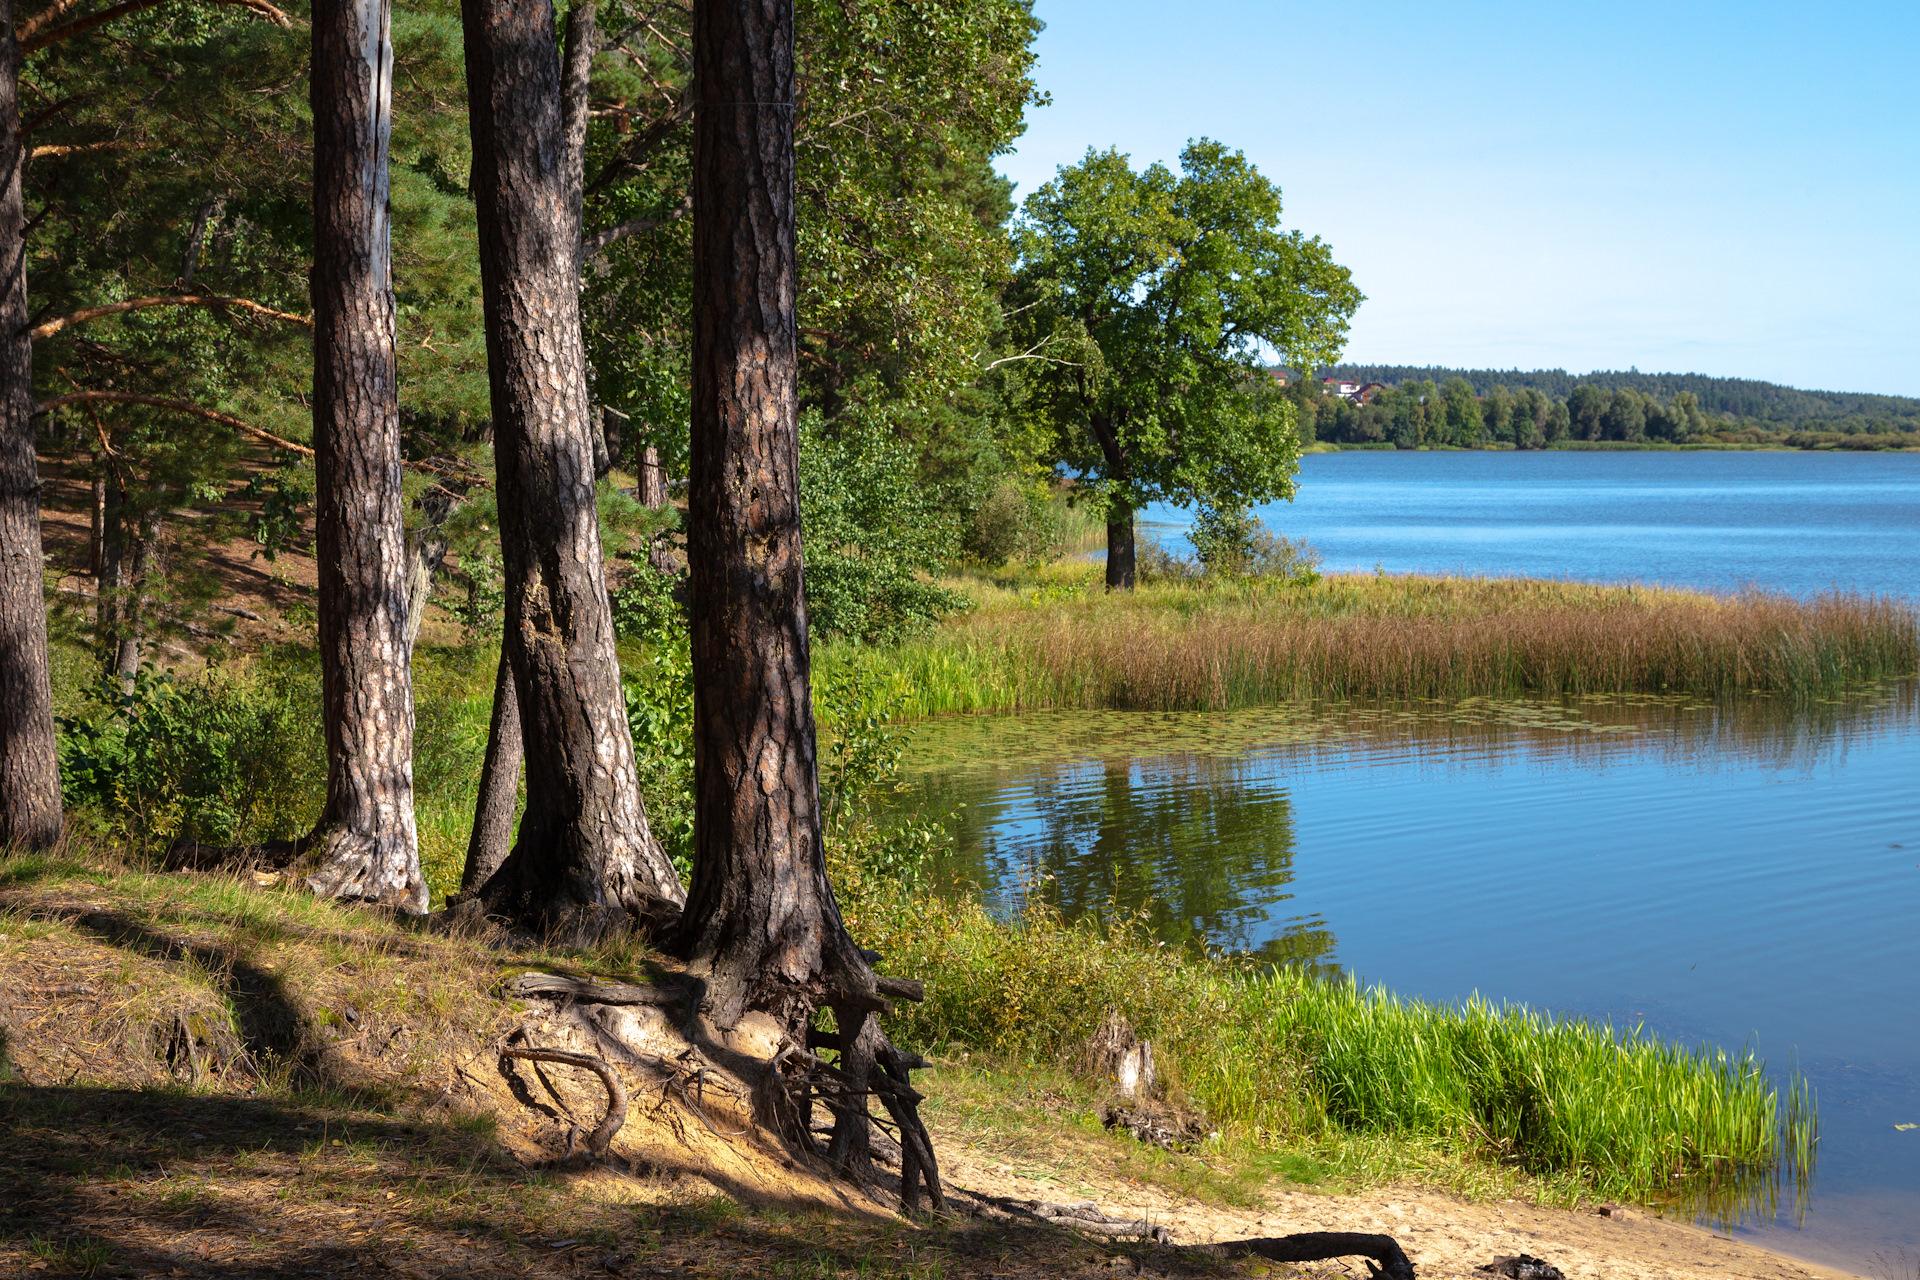 практике, допускается арзамасский район пустынские озера фото памятник железобетона ленинградском